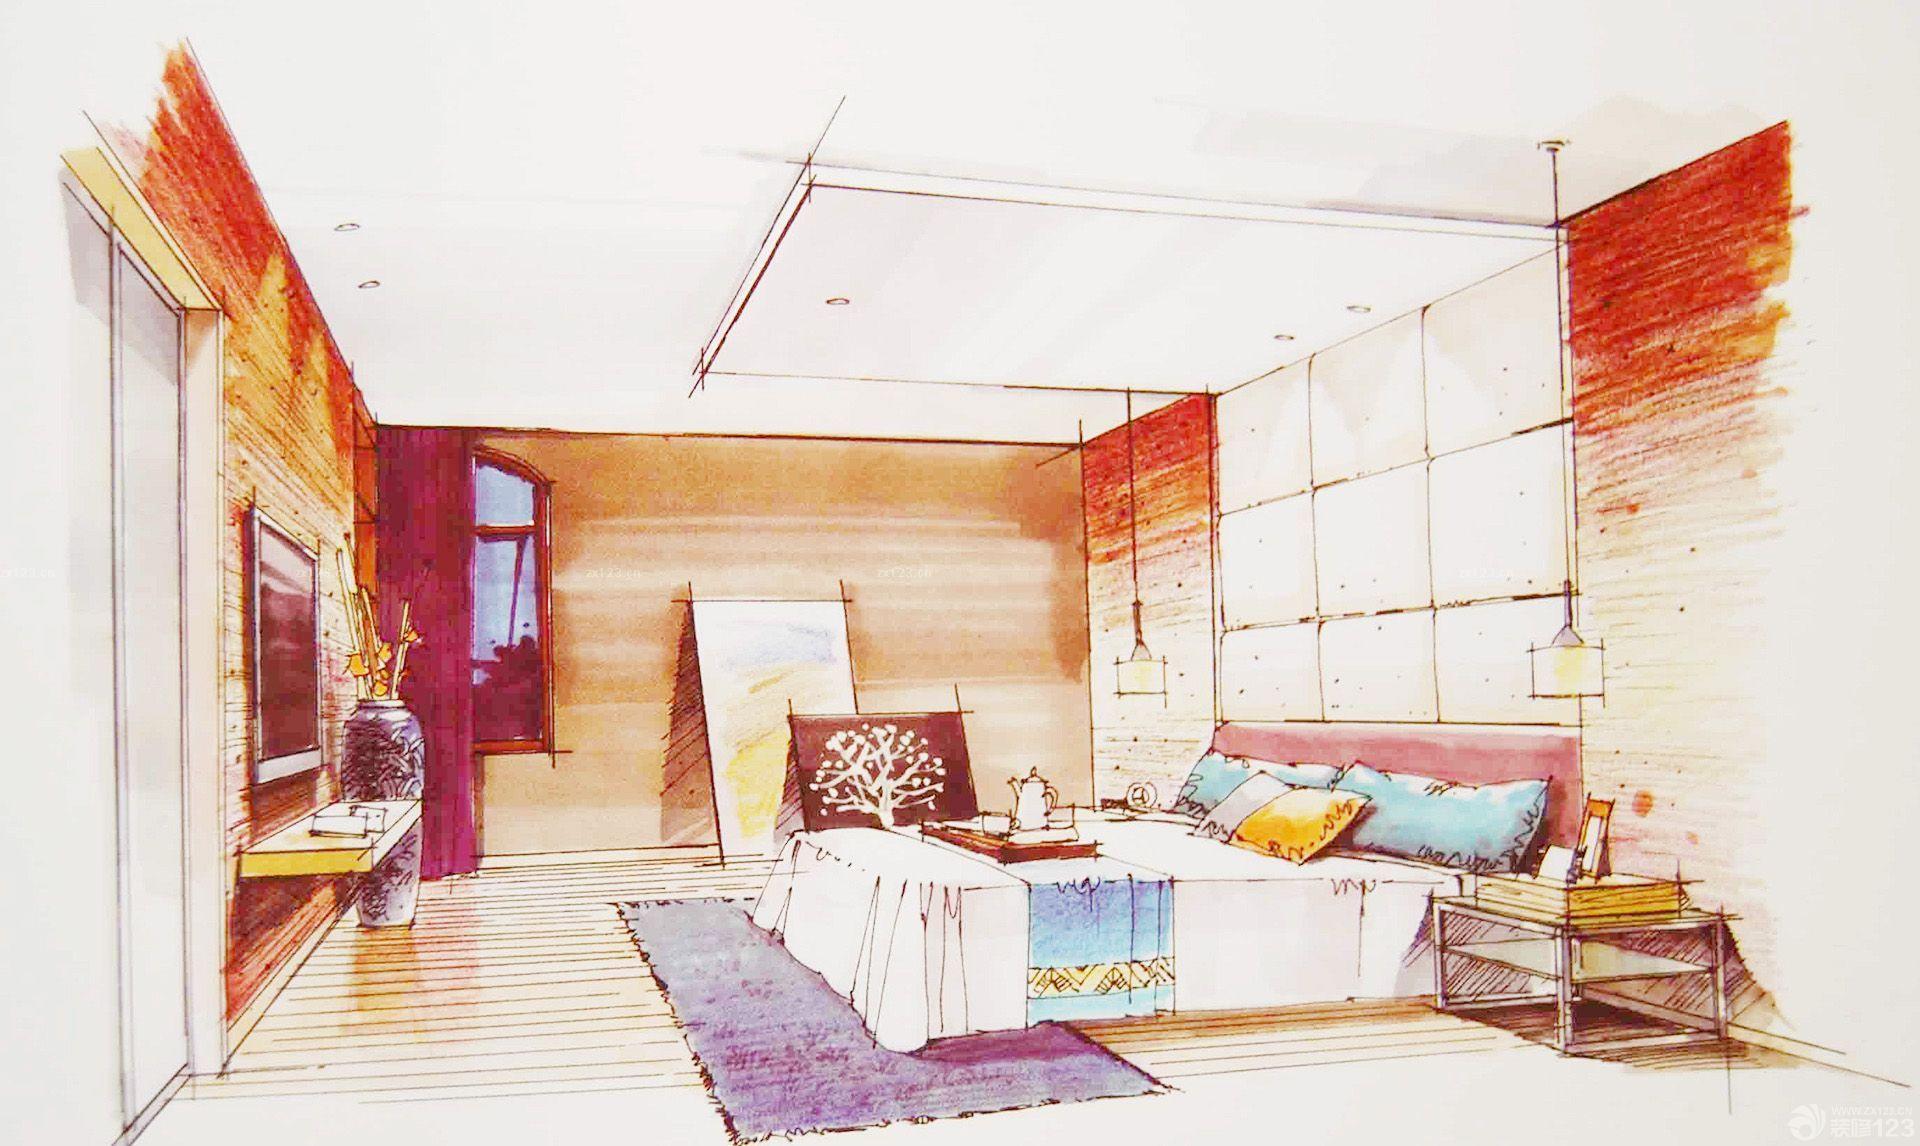 室内设计手绘效果图图稿大全